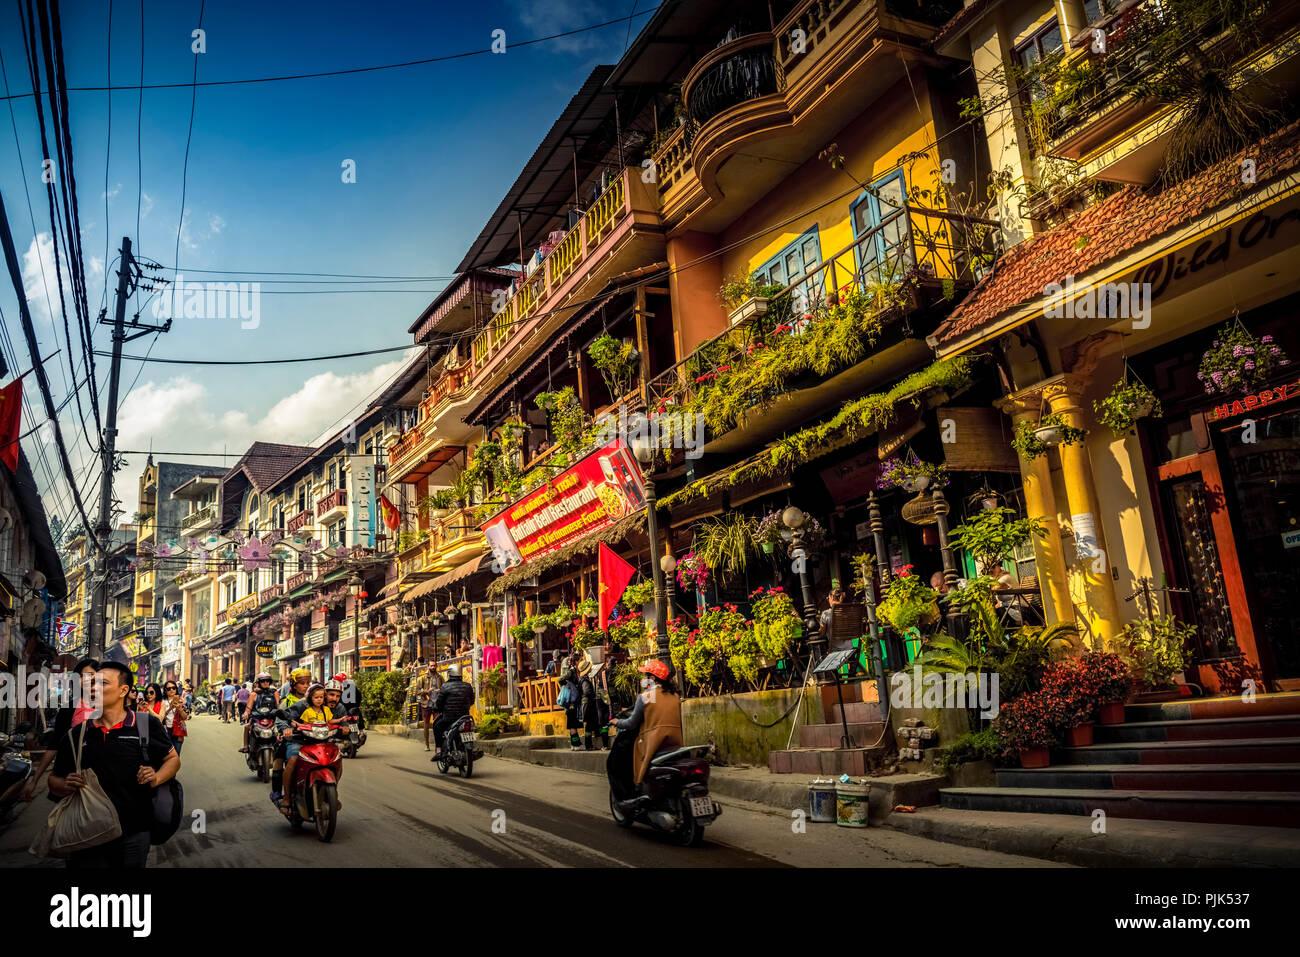 Asia, Southeast Asia, North Vietnam, Vietnam, Sapa, mountains, mountainscapecape - Stock Image